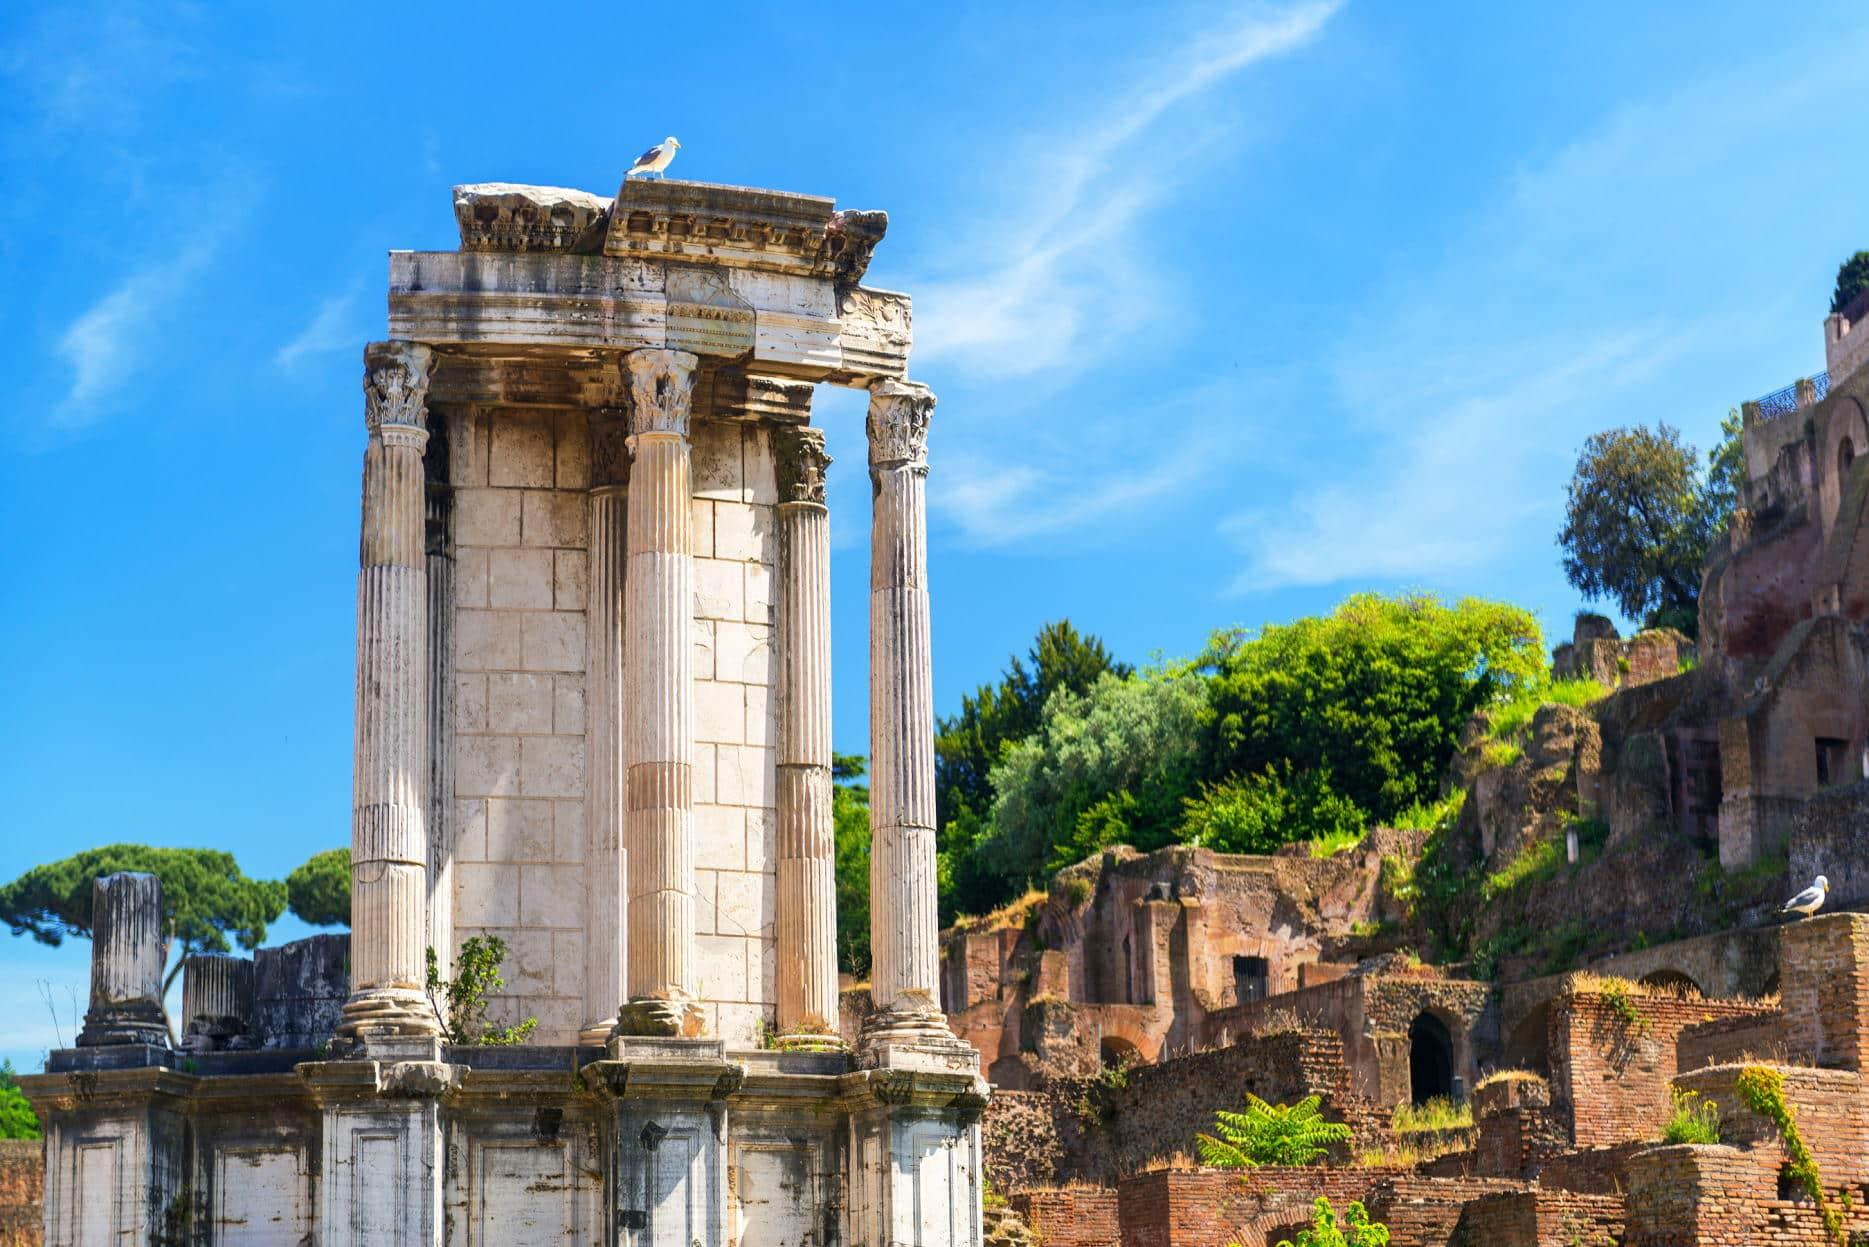 Temple Of Vesta Colosseum Rome Tickets